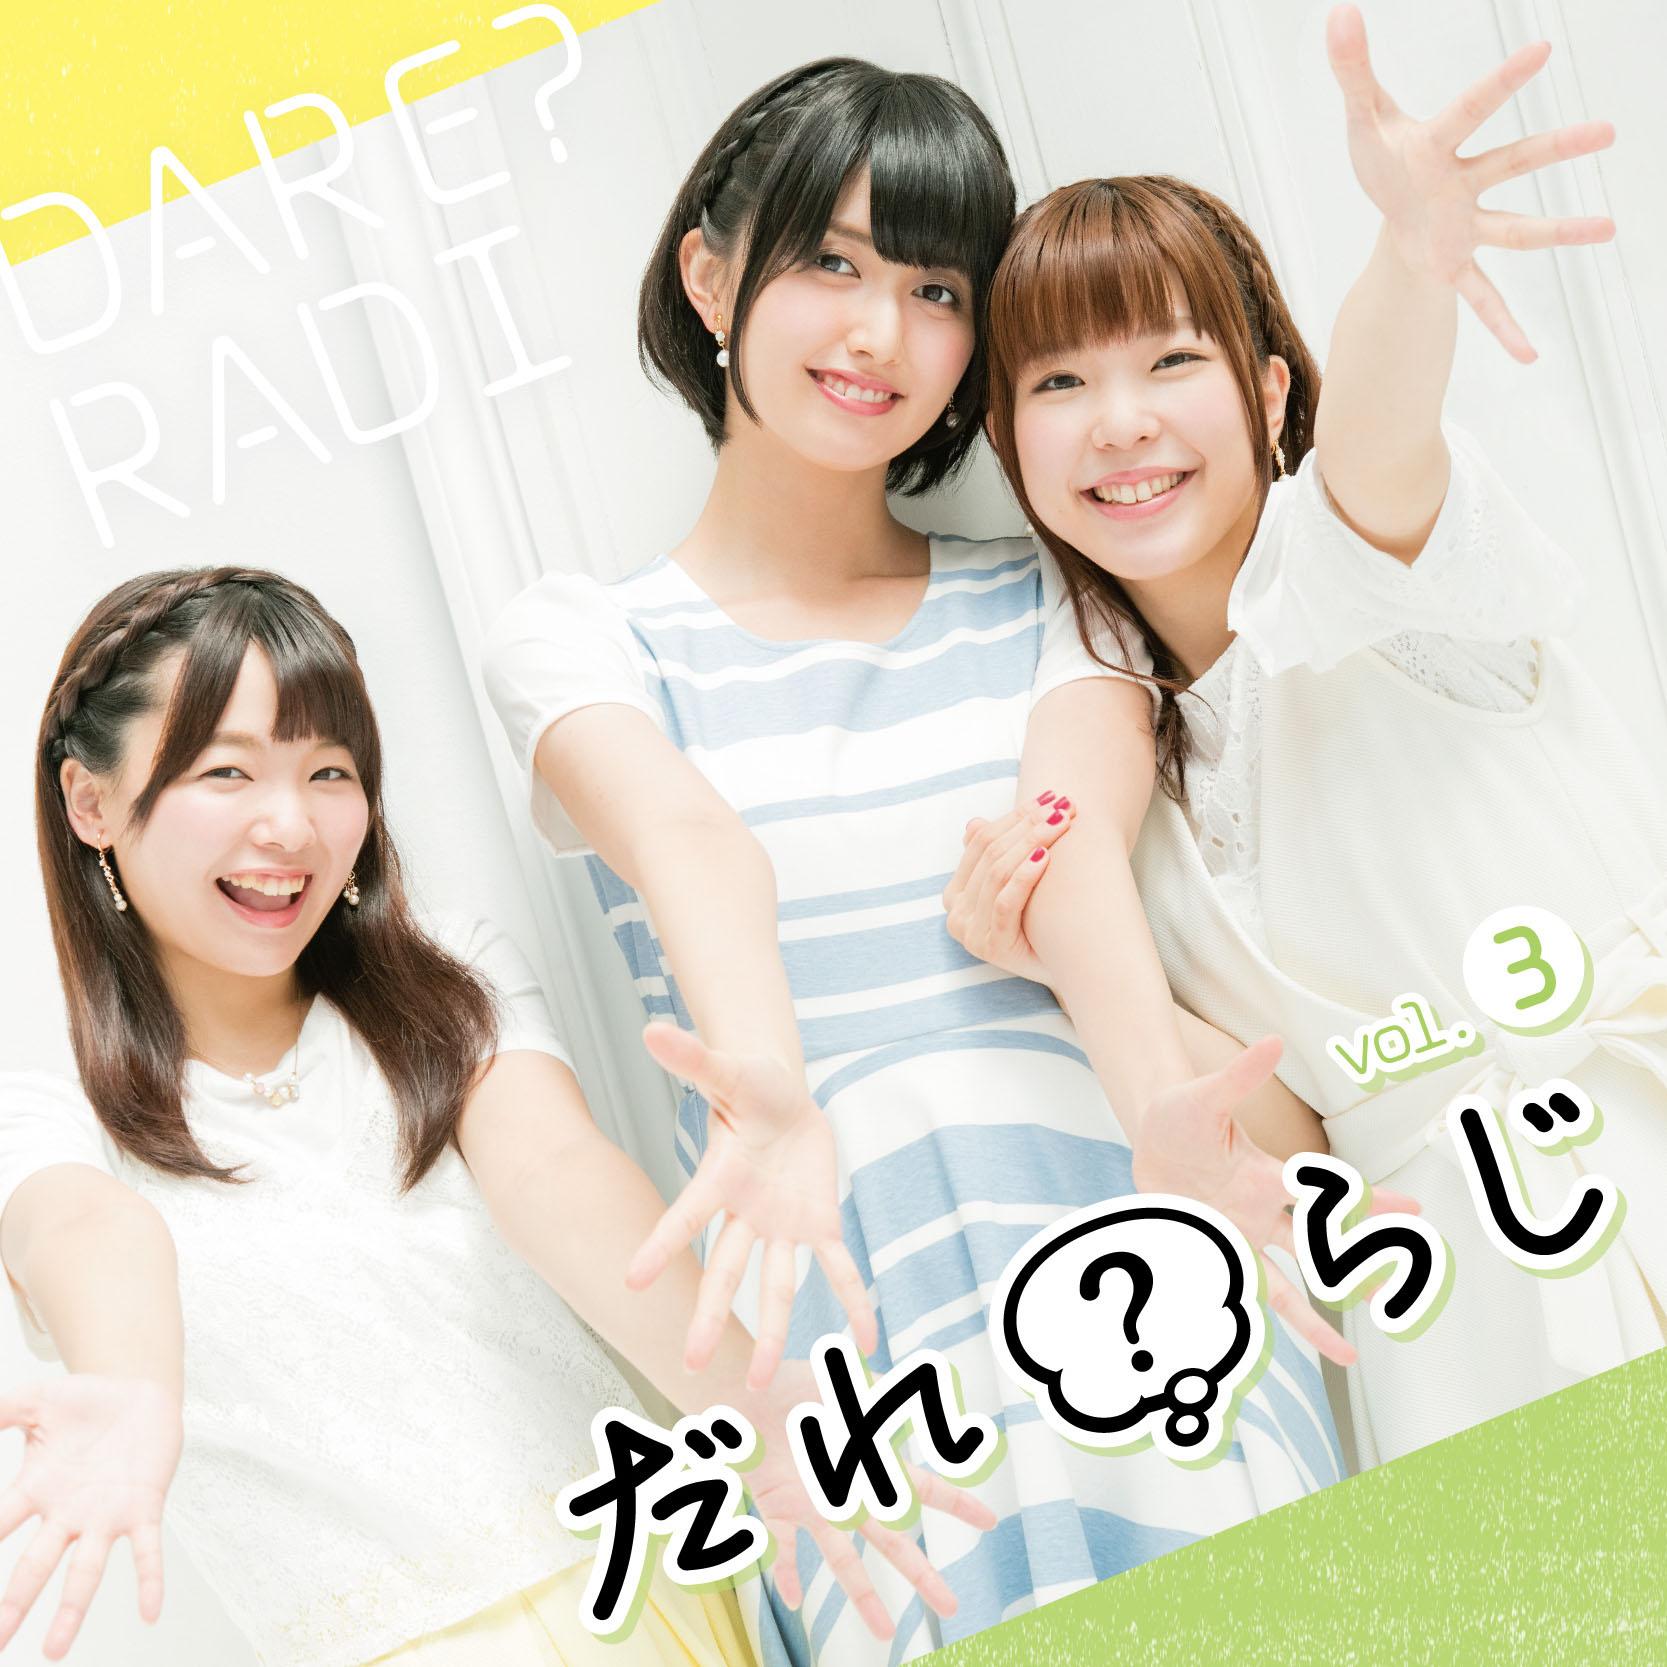 だれ?らじ/だれ?らじ/ラジオCD 「だれ?らじ」 Vol.3